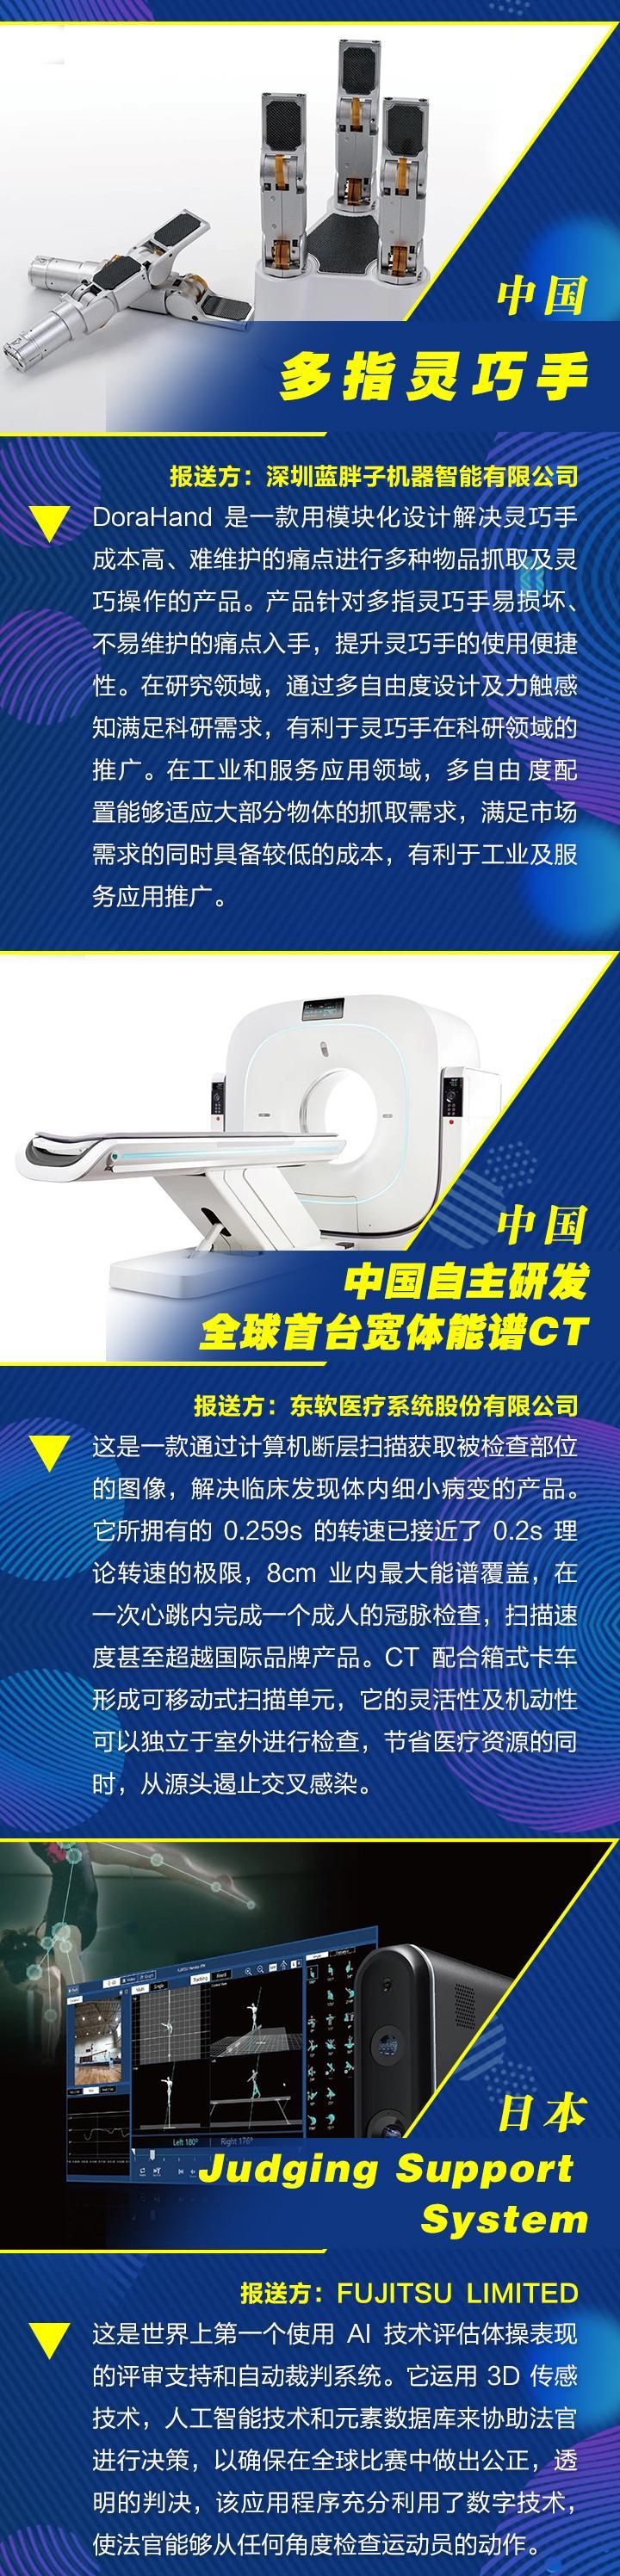 中国智能设计奖_03.jpg